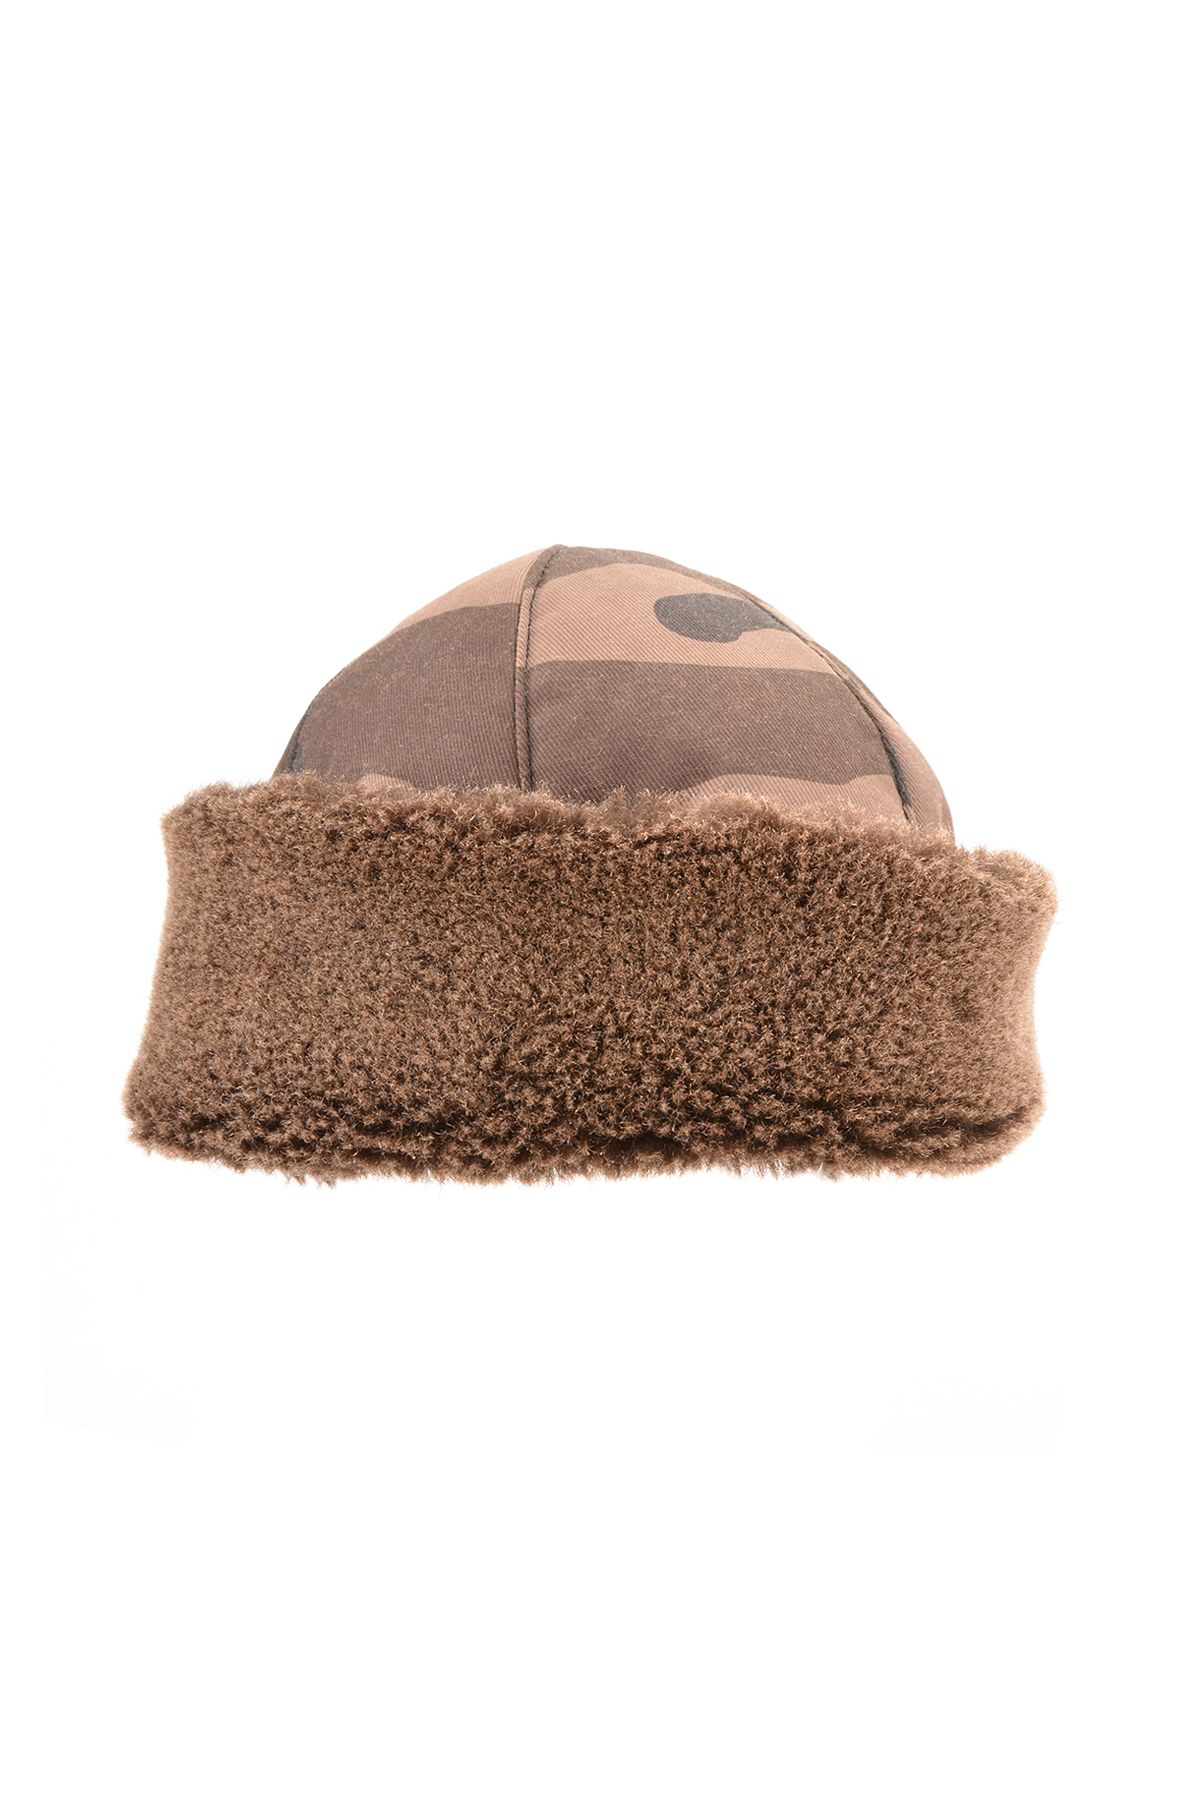 Pegia İçi Hakiki Kürk Kamuflaj Diriliş Şapka 18AS10 Haki